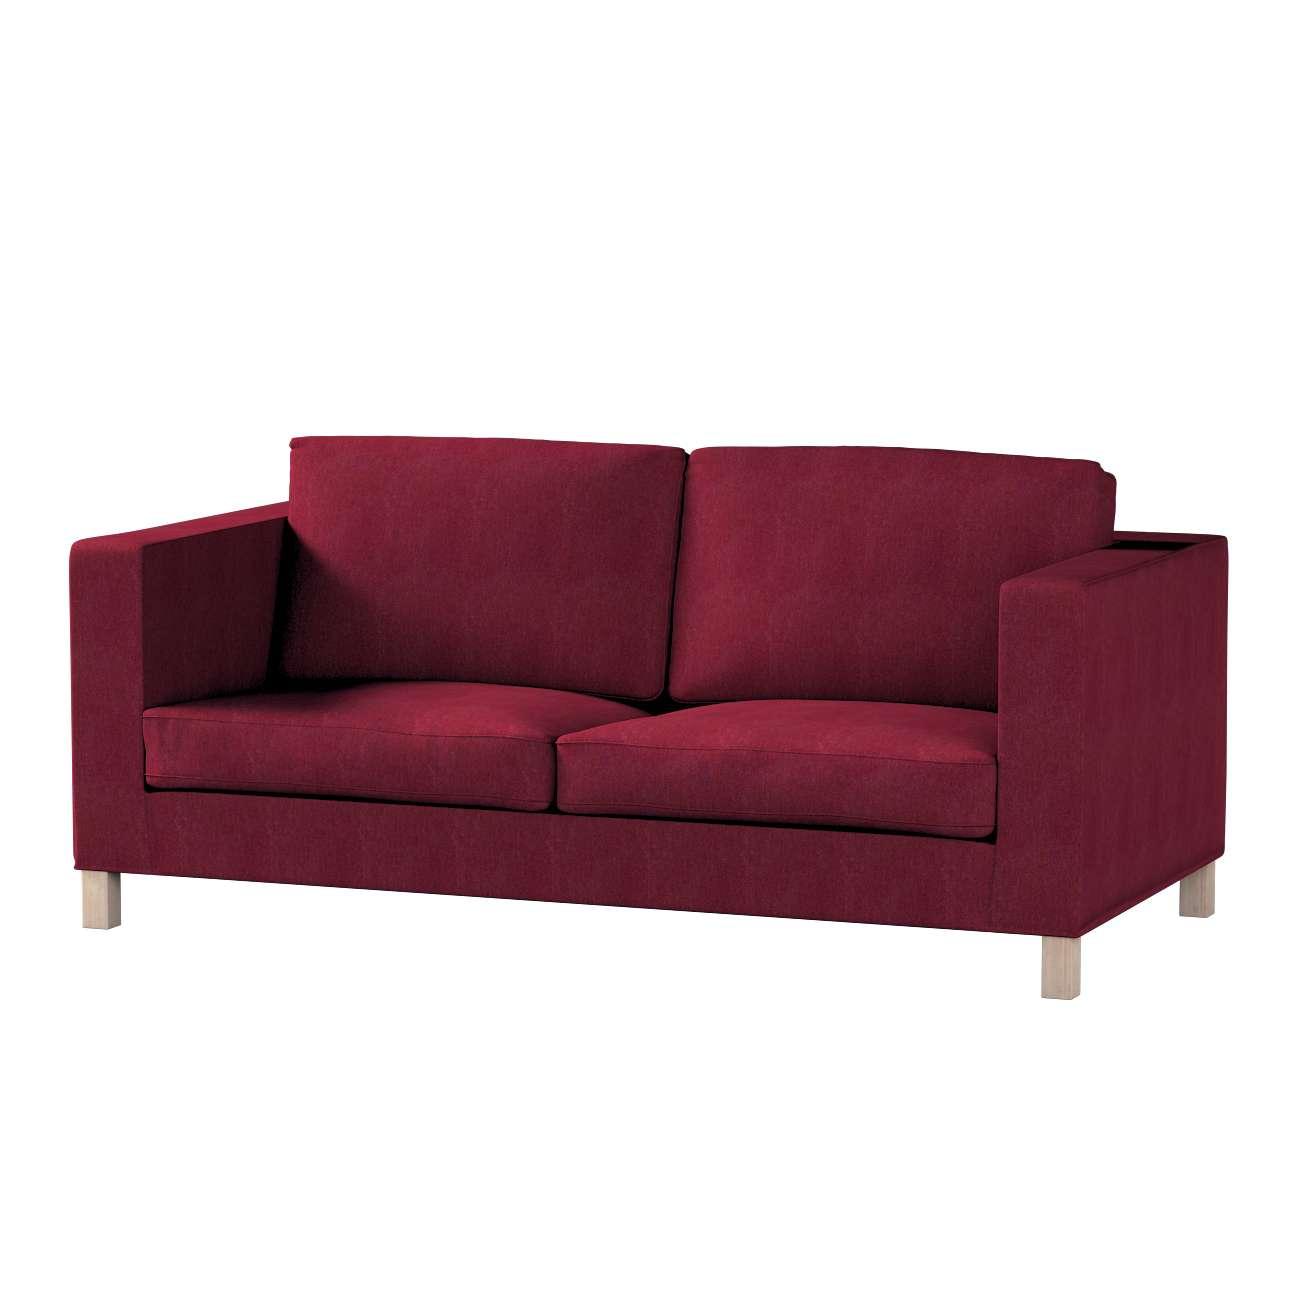 KARLANDA sofos lovos užvalkalas KARLANDA sofos lovos užvalkalas kolekcijoje Chenille, audinys: 702-19